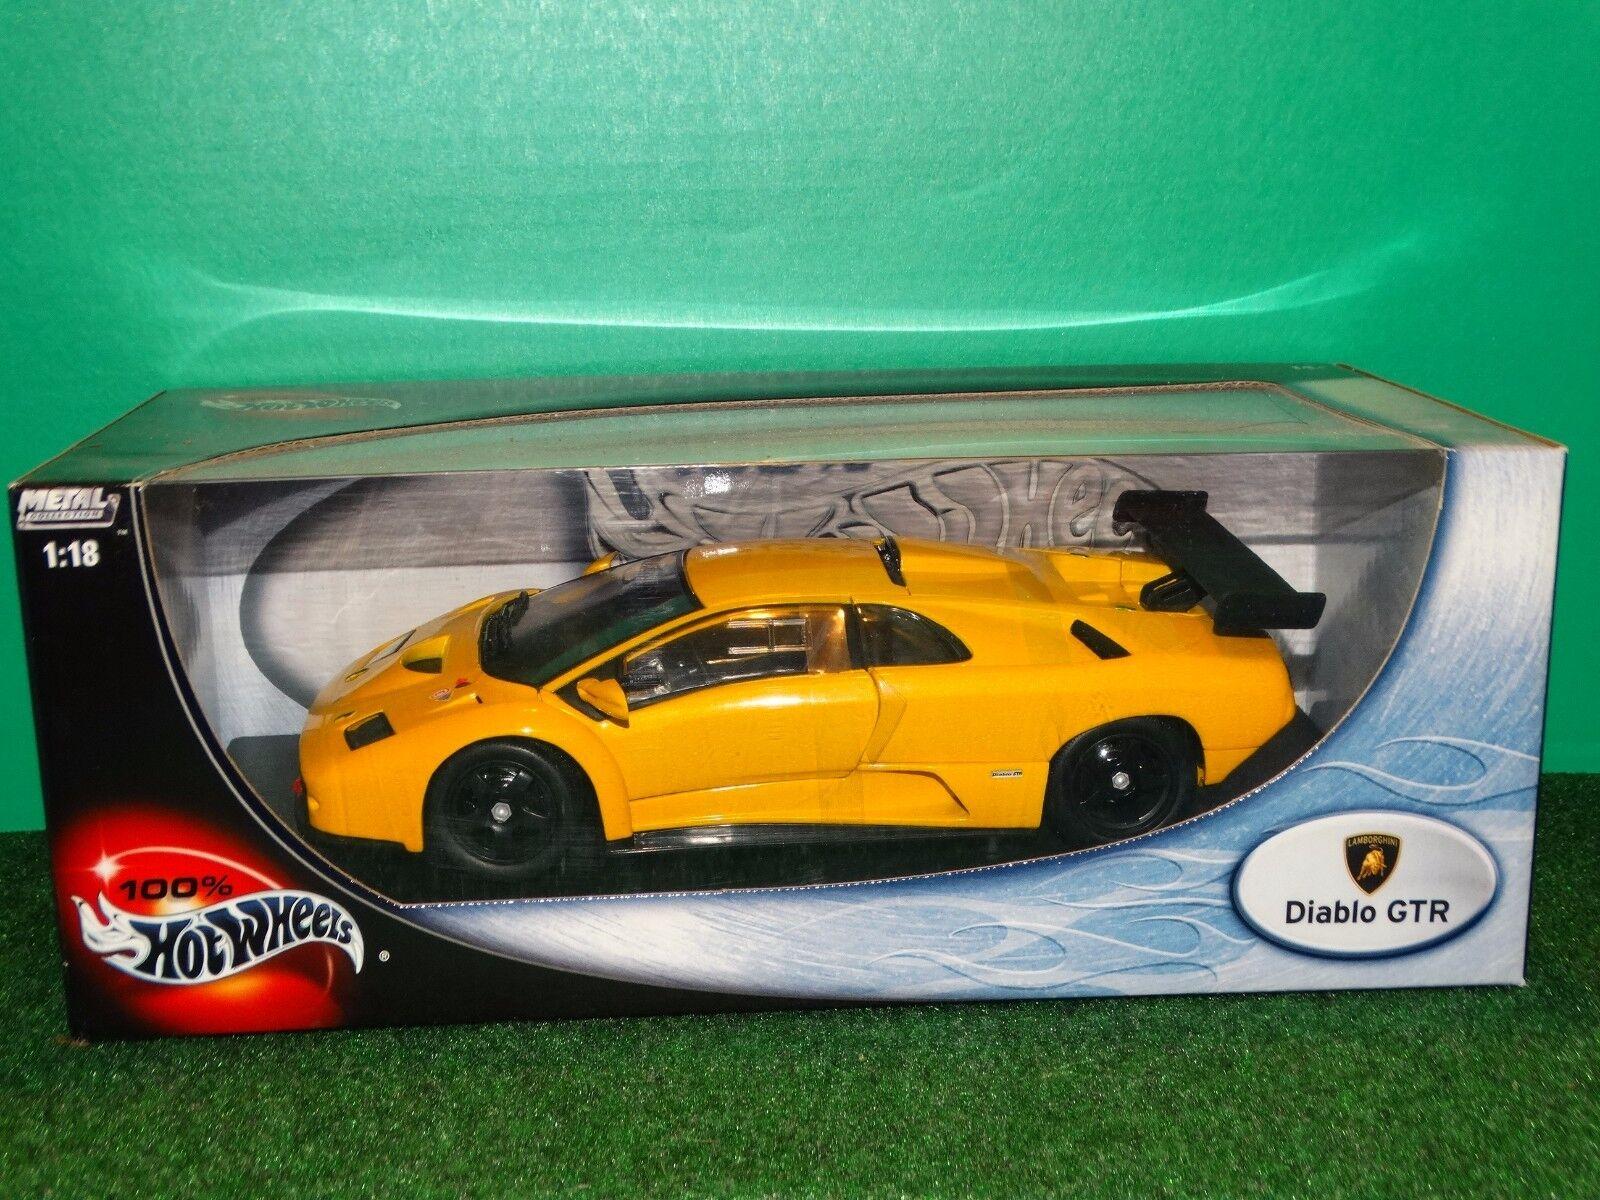 HOT WHEELS Lamborghini Diablo GTR 1 18 Scale Diecast jaune 2002 Voiture Modèle 53835